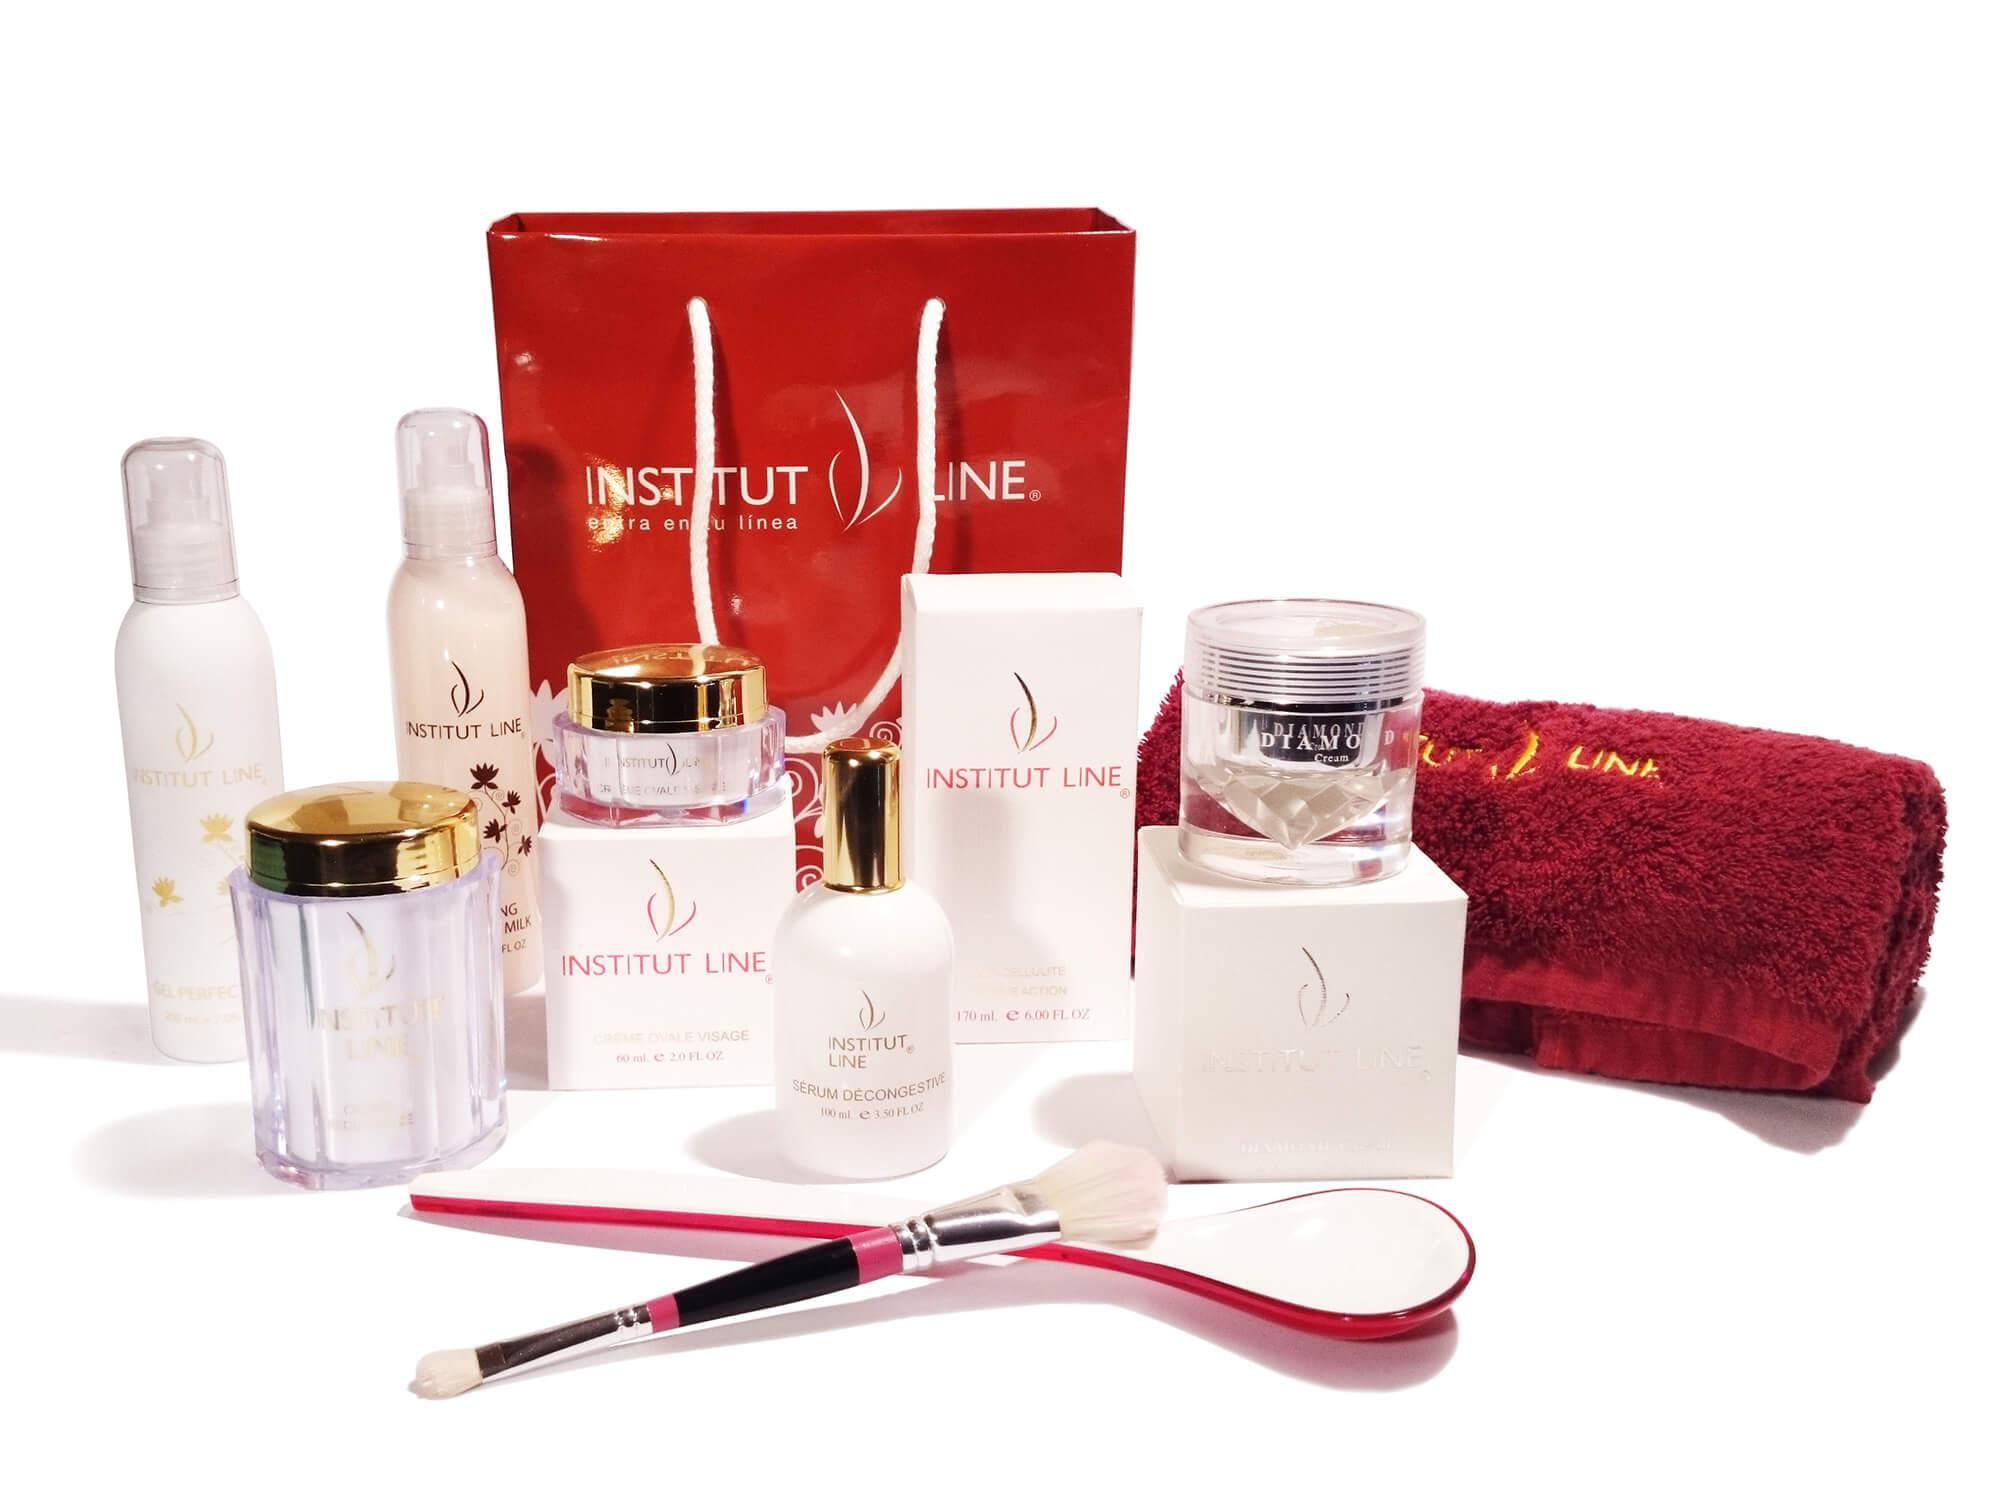 Solo nosotros incluimos la cosmética en los tratamientos